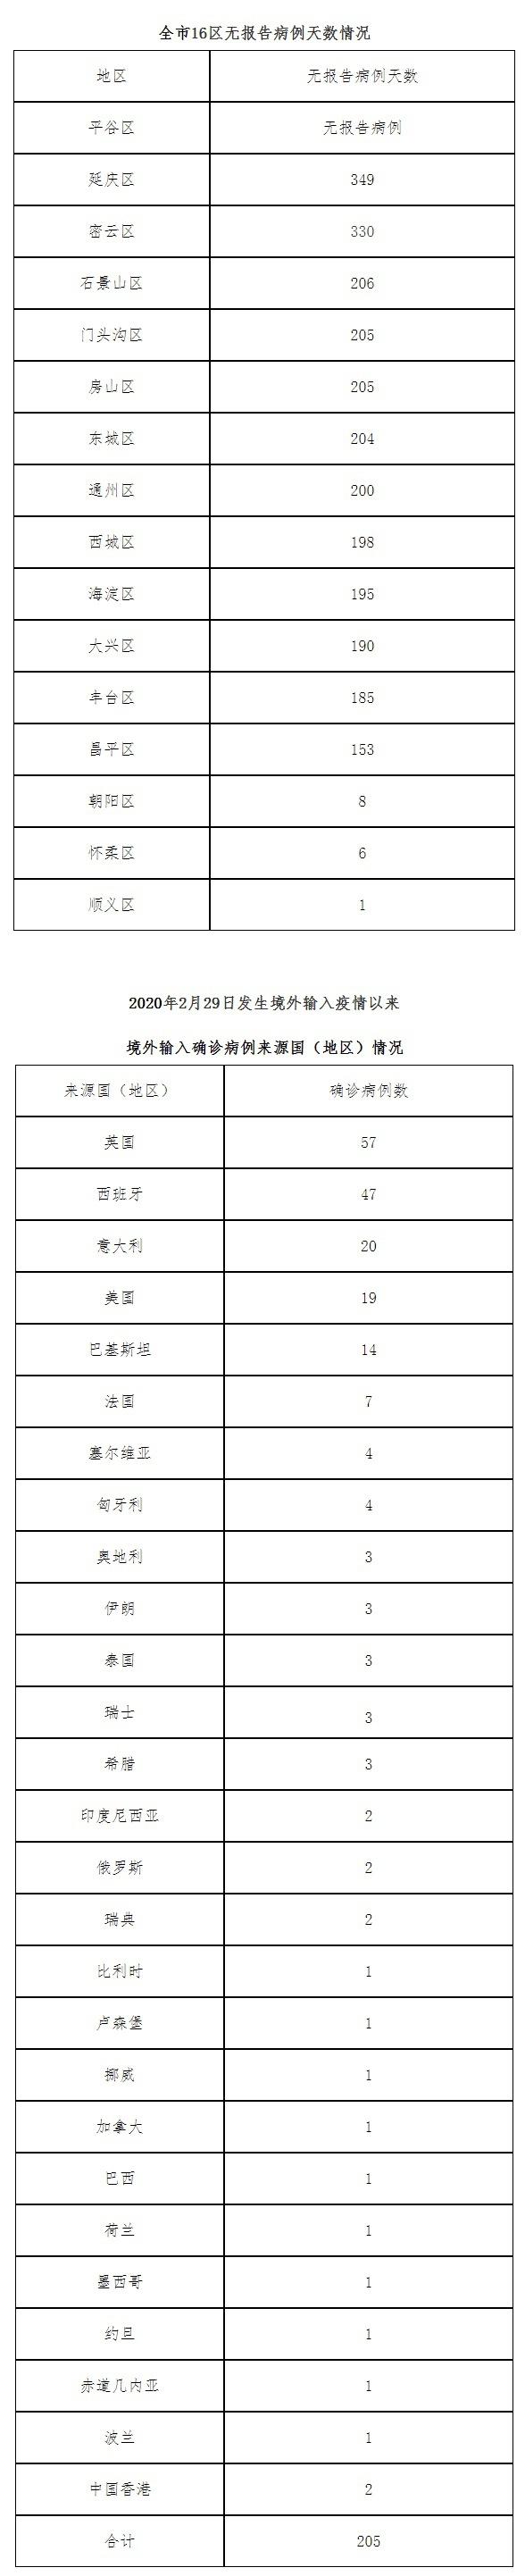 1月6日北京无新增新冠肺炎确诊病例 治愈出院2例图片